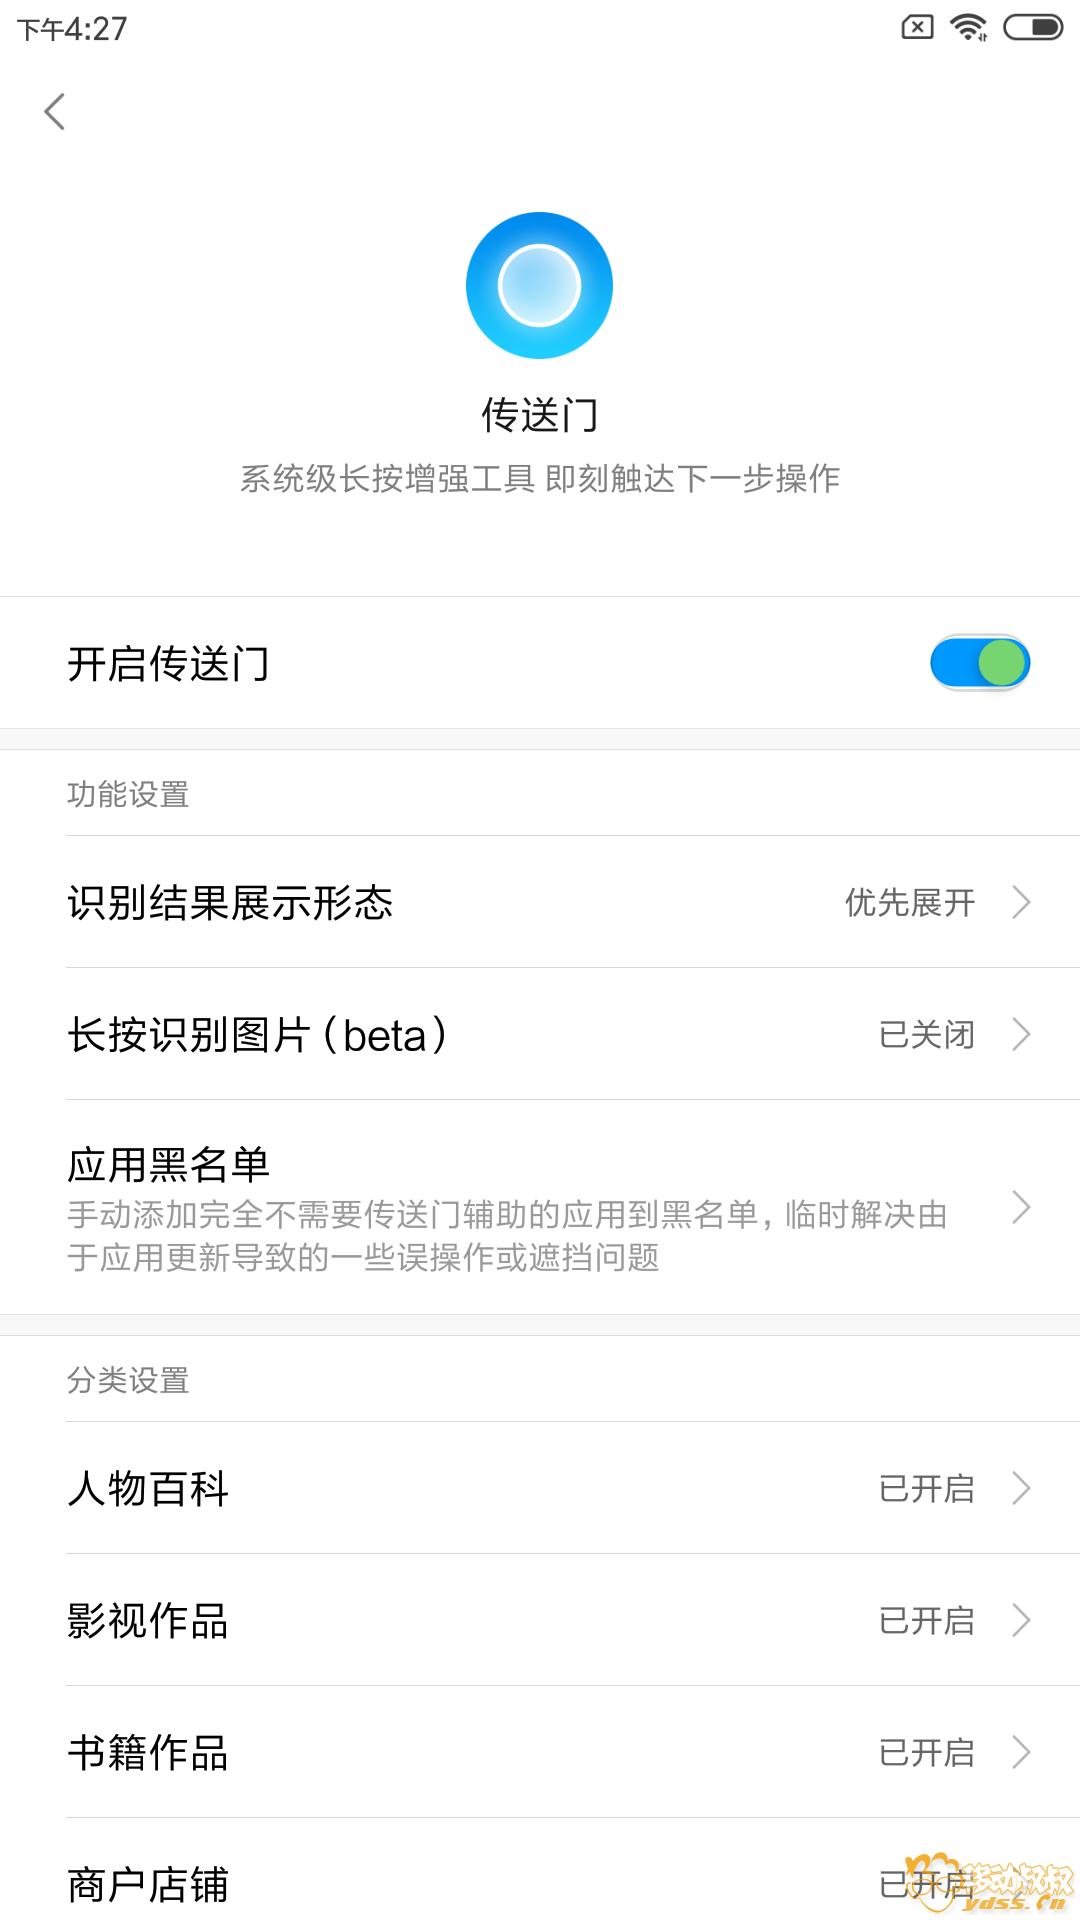 Screenshot_2018-07-11-16-27-34-282_com.miui.contentextension.png